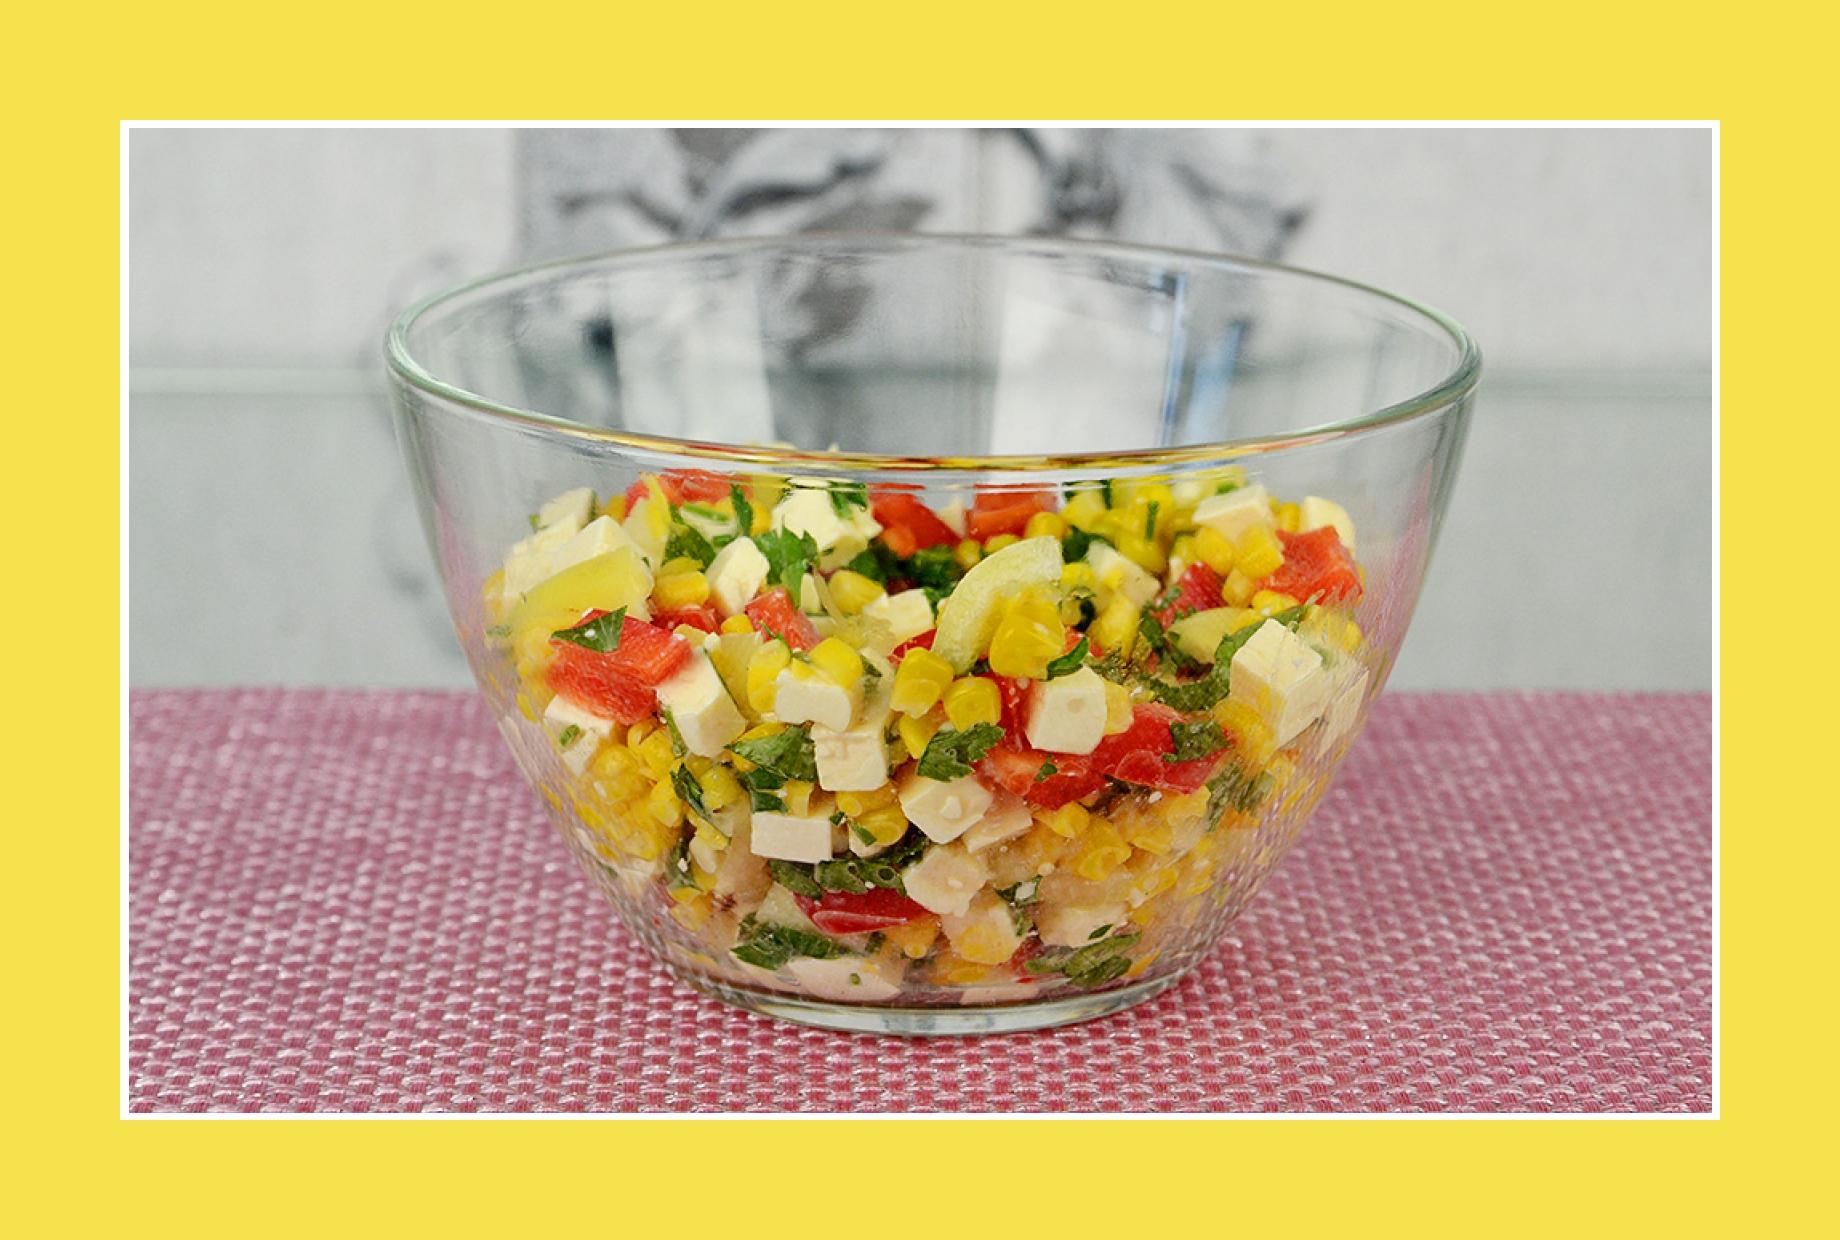 Bunter Salat mit Paprika, Mais, Petersilie, Dill